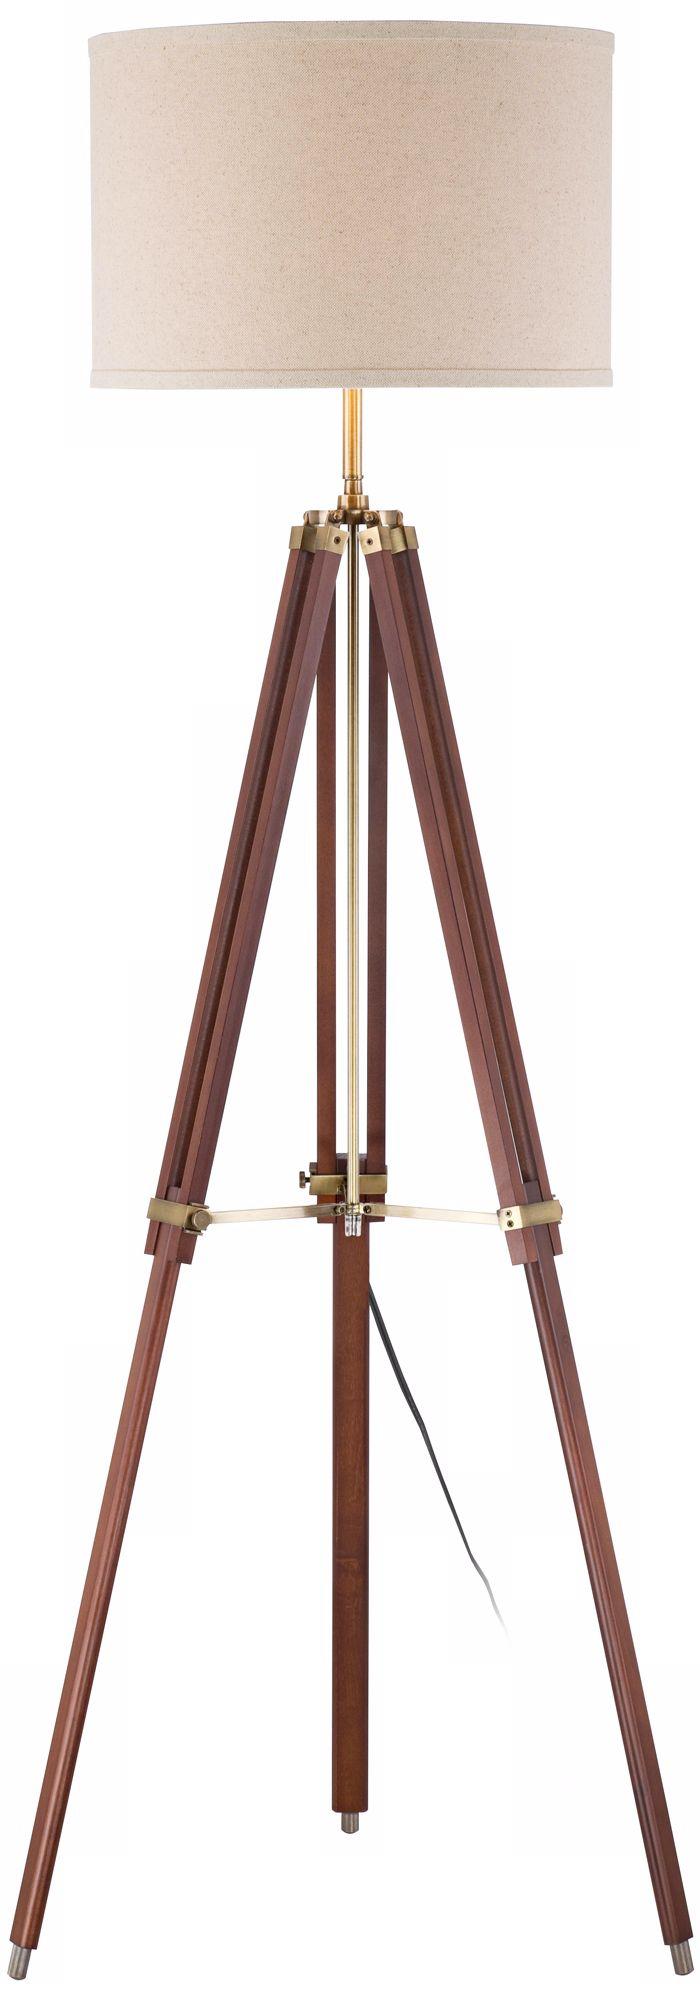 https www lampsplus com products surveyor cherry wood tripod floor lamp by possini euro w1650 html